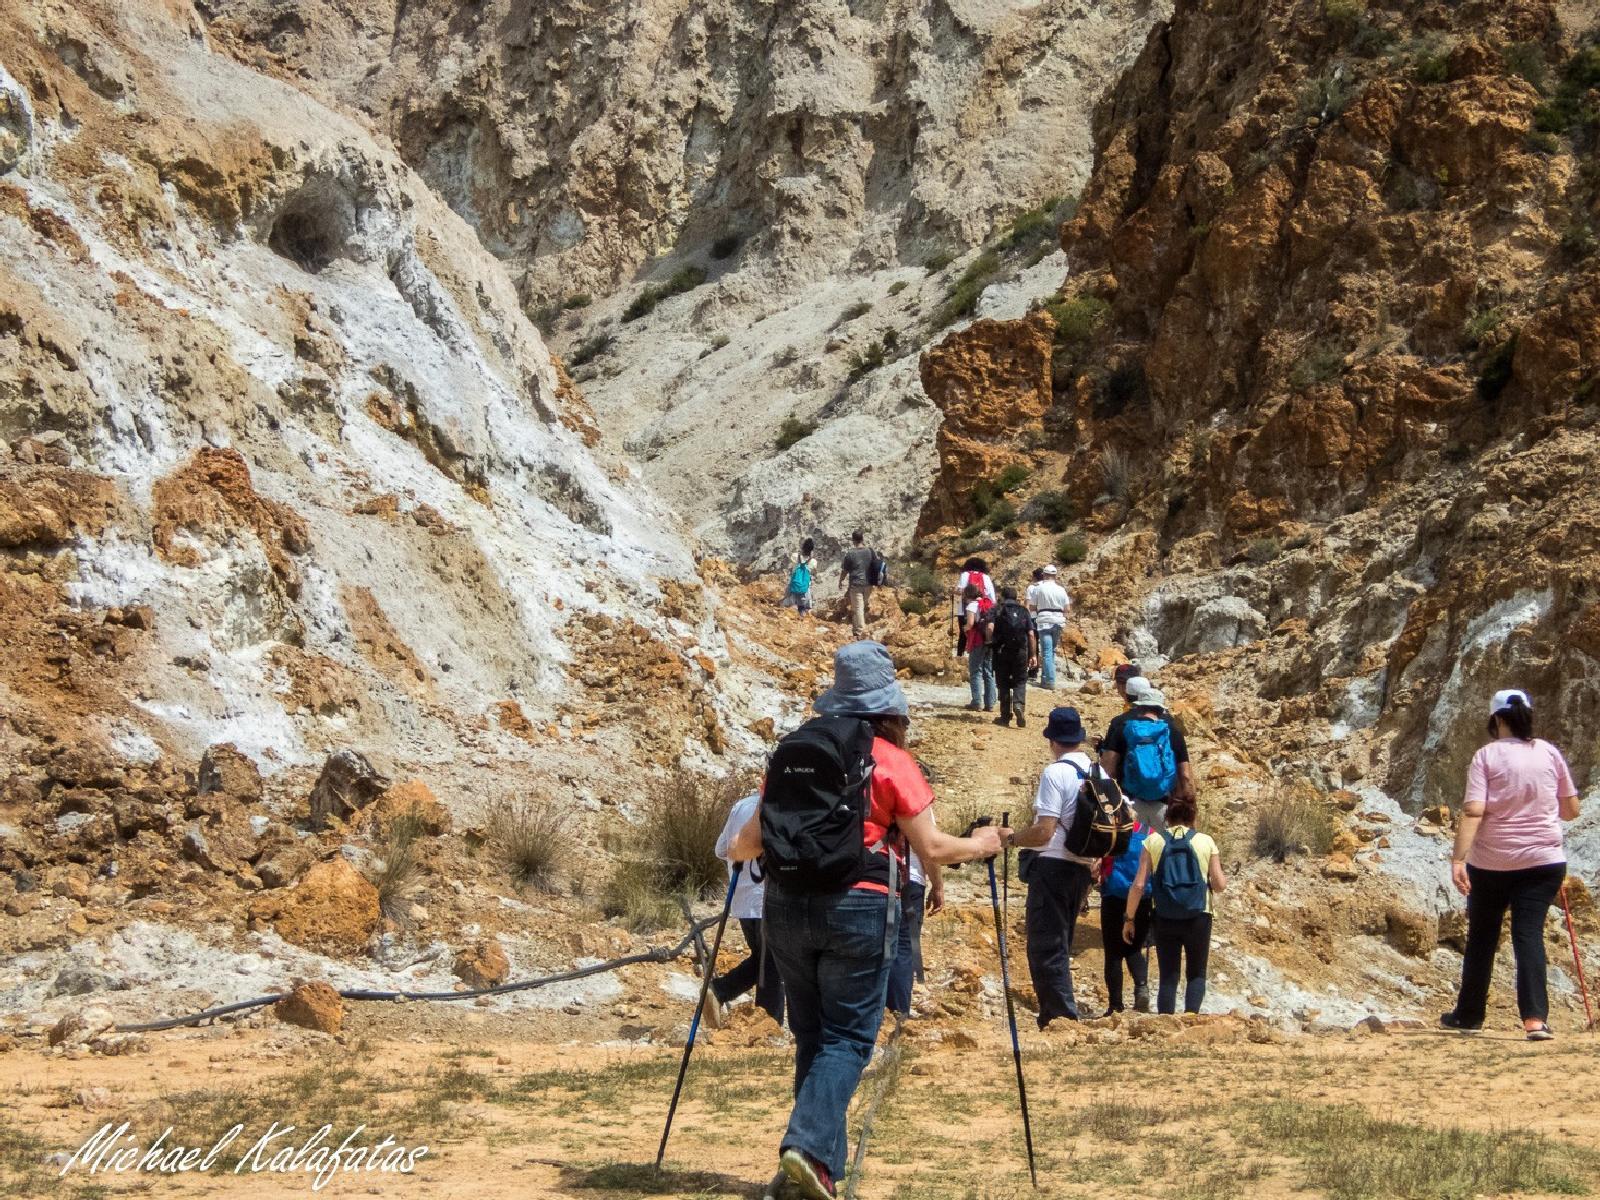 Το ηφαίστειο Σουσάκι στους Αγίους Θεοδώρους - Εξακολουθεί η μεταηφαιστειακή δράση